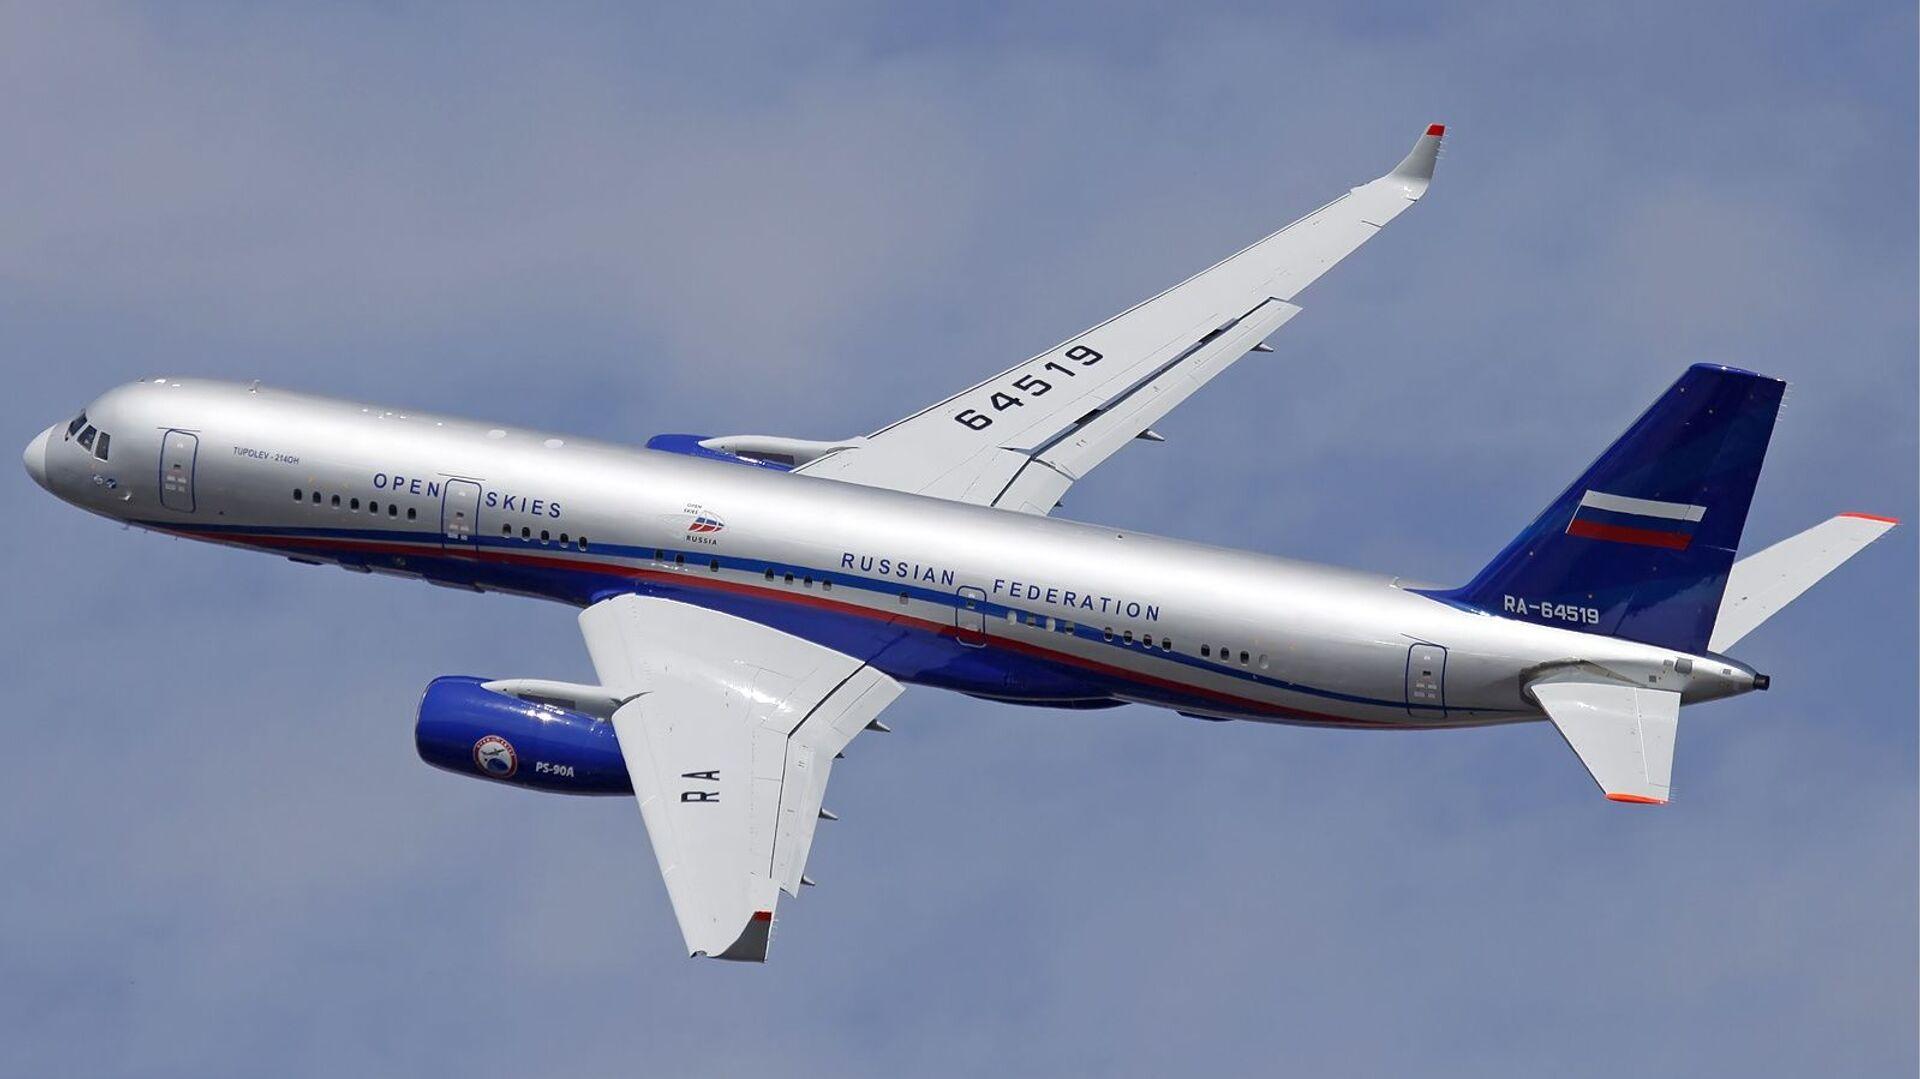 Ruský pozorovací letoun Tu-214ON - Sputnik Česká republika, 1920, 06.03.2021